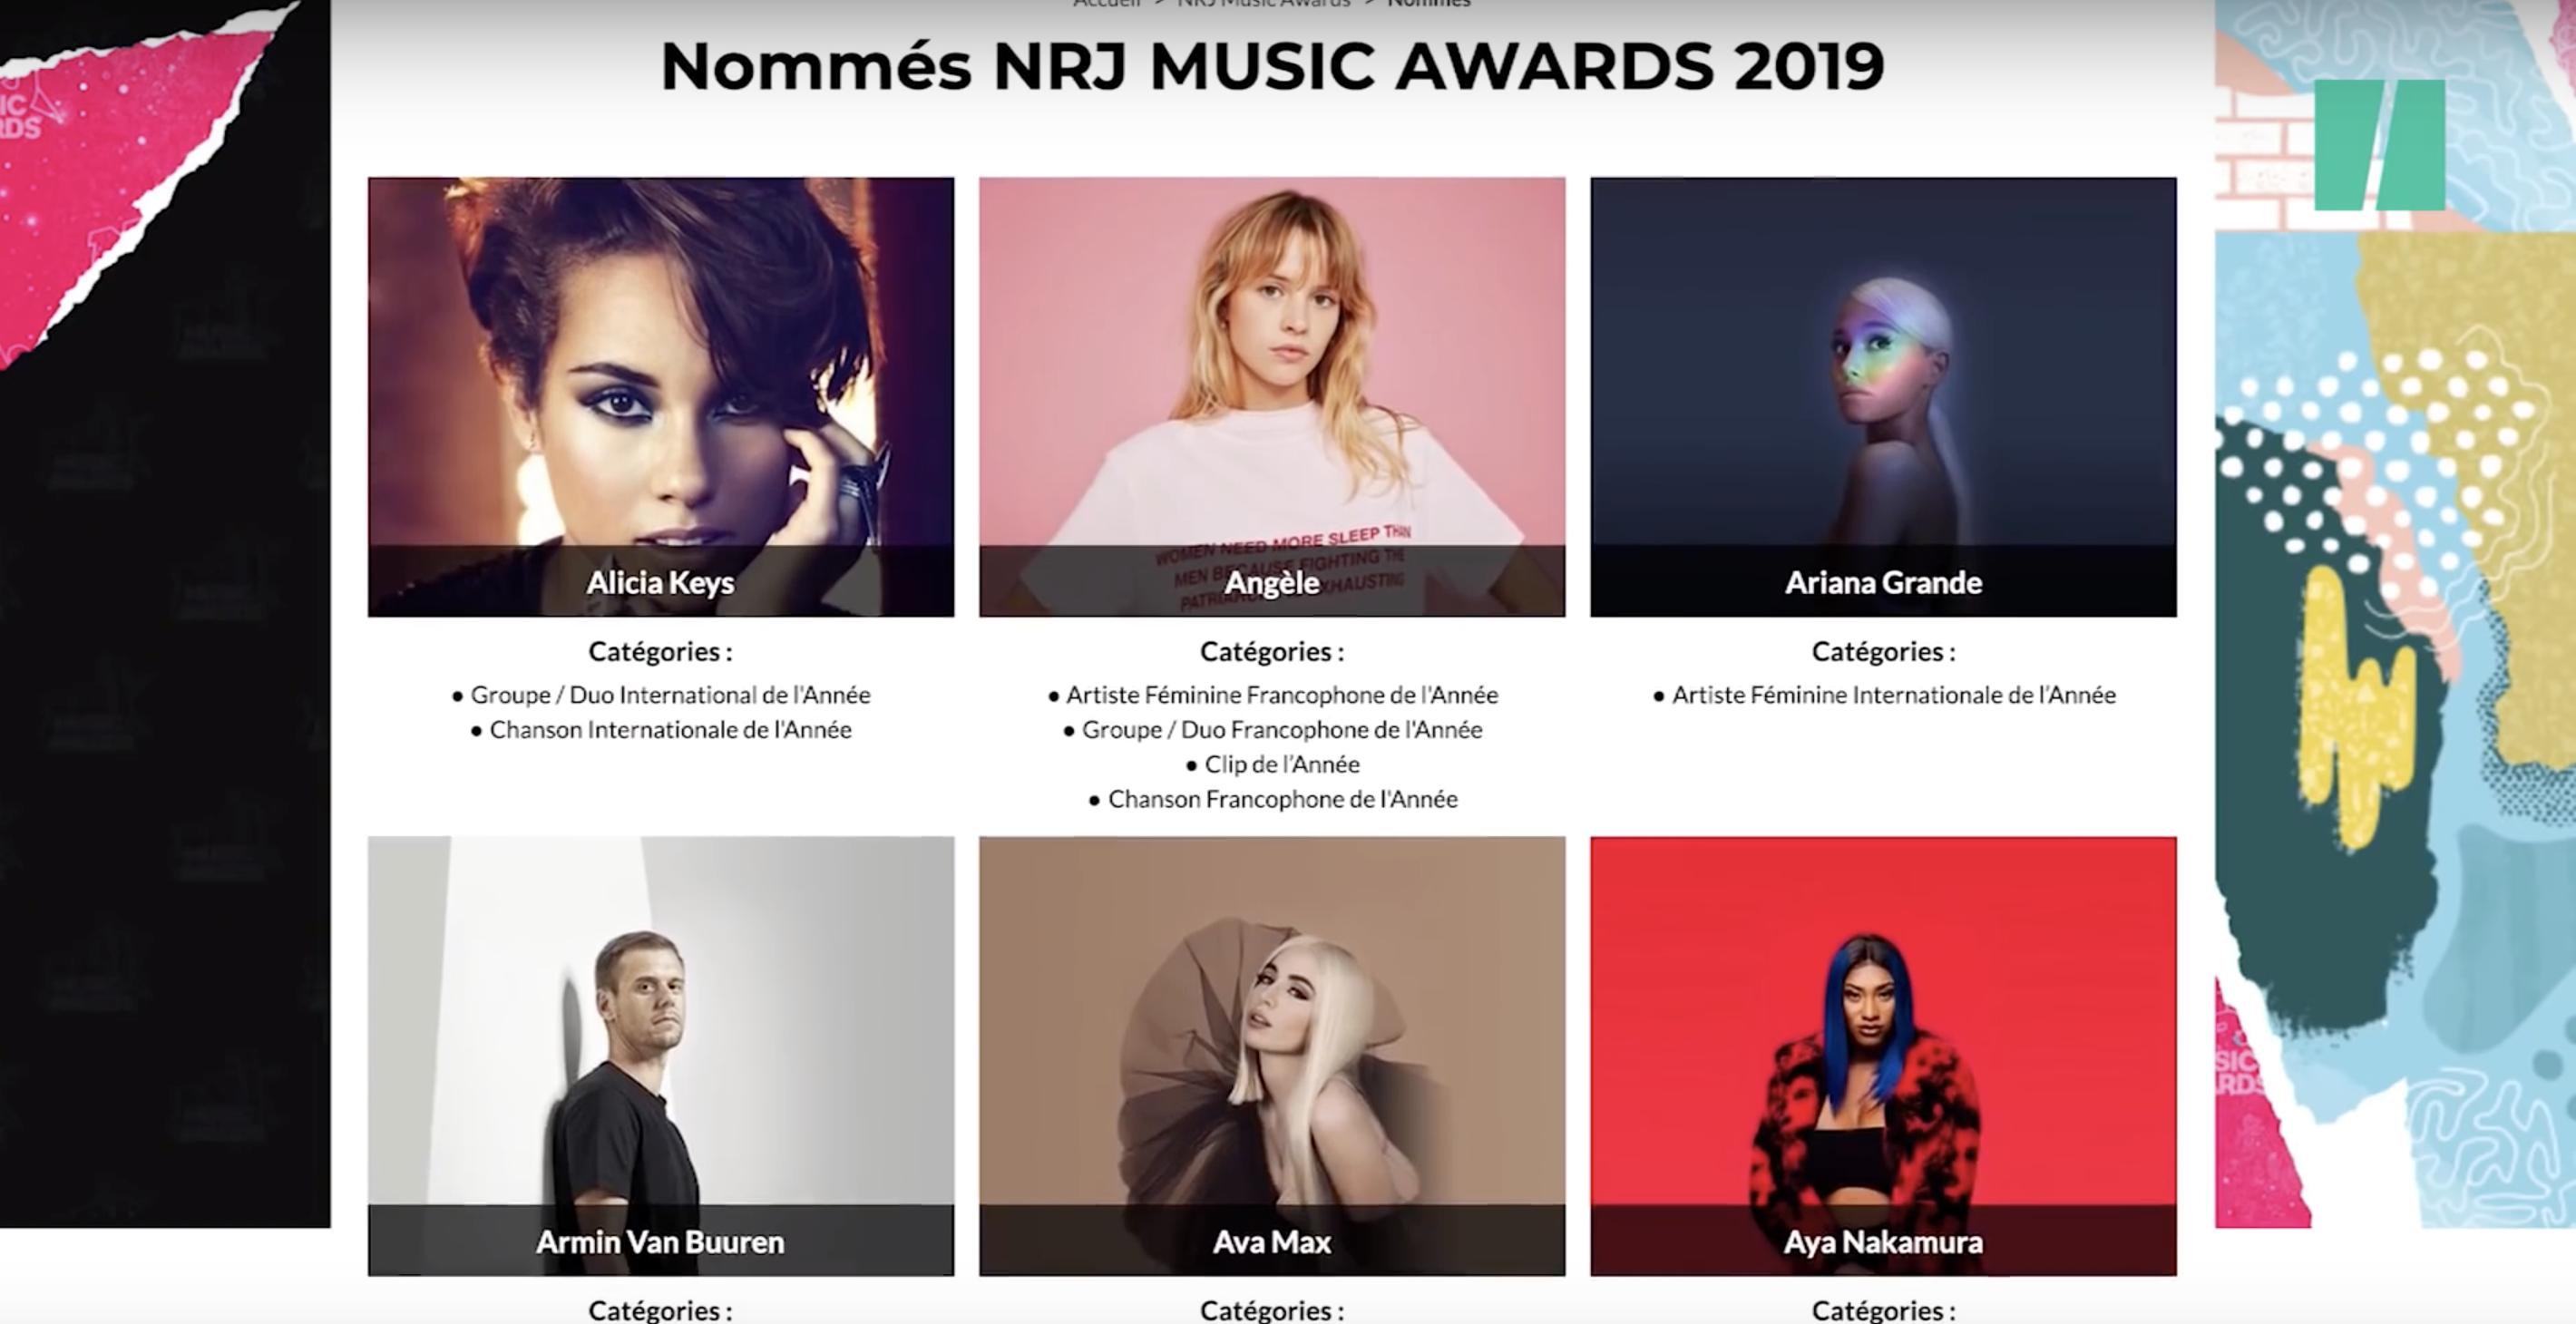 NRJ Music Awards 2019 - NRJ Music Awards - NMA 2019 - NMA - votes